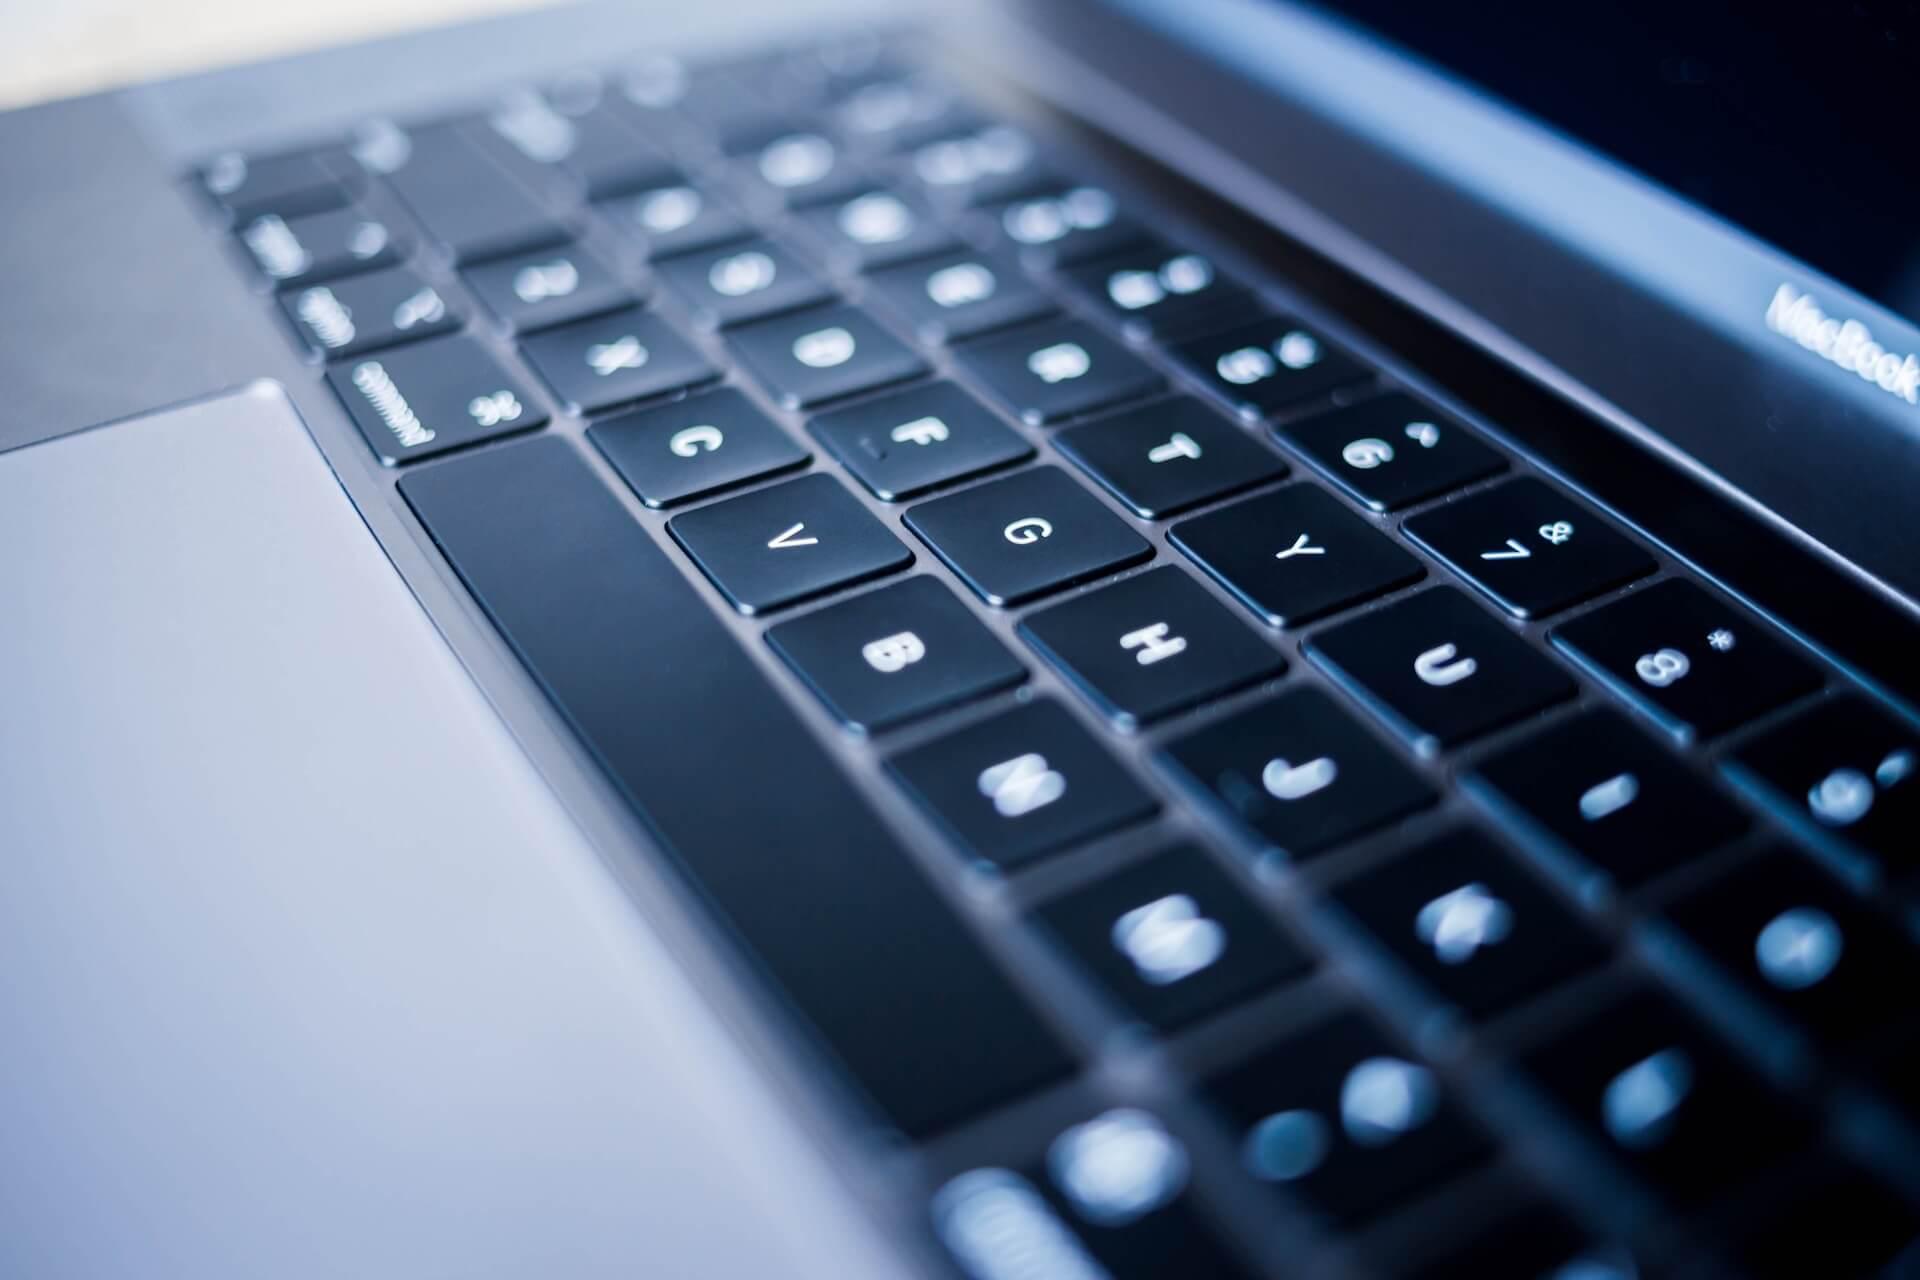 Apple、今度は13インチMacBook Proを刷新?来年シザー式キーボード導入モデル発表か tech191120_macbookpro_13_main